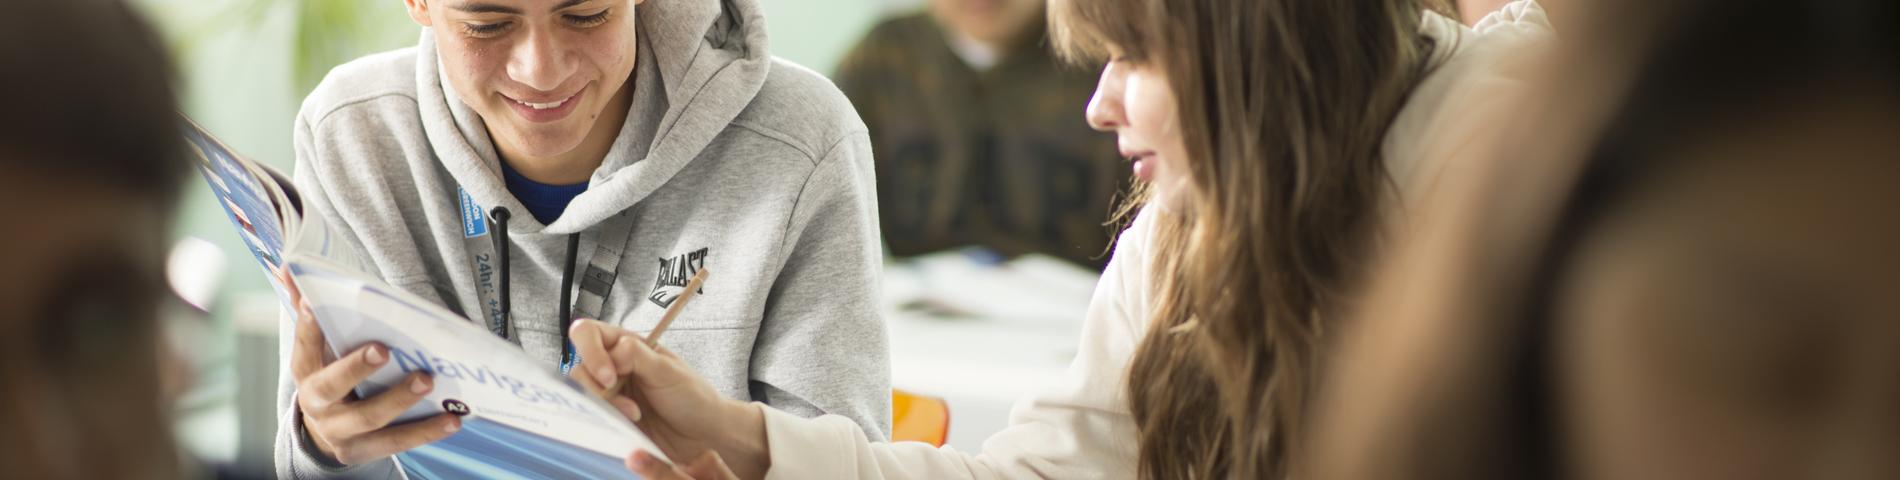 Oxford International Education صورة 1